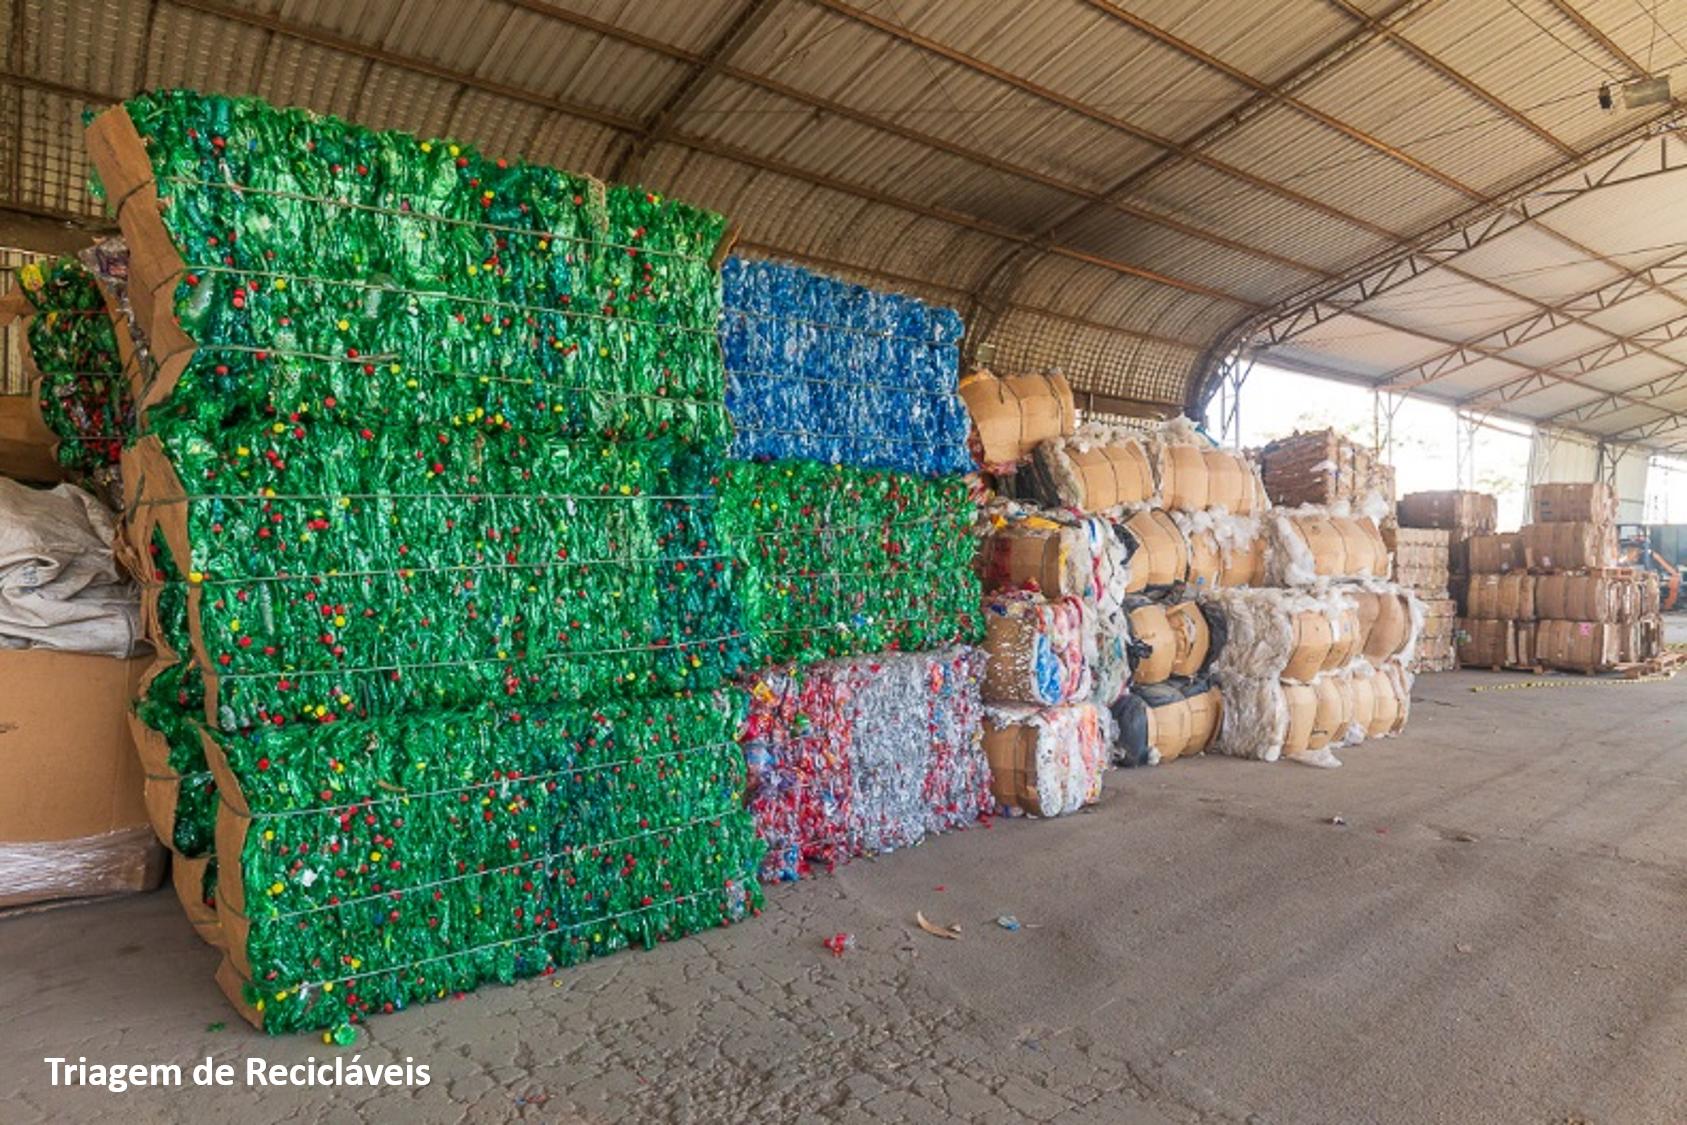 Ecoindústrias de reciclagem